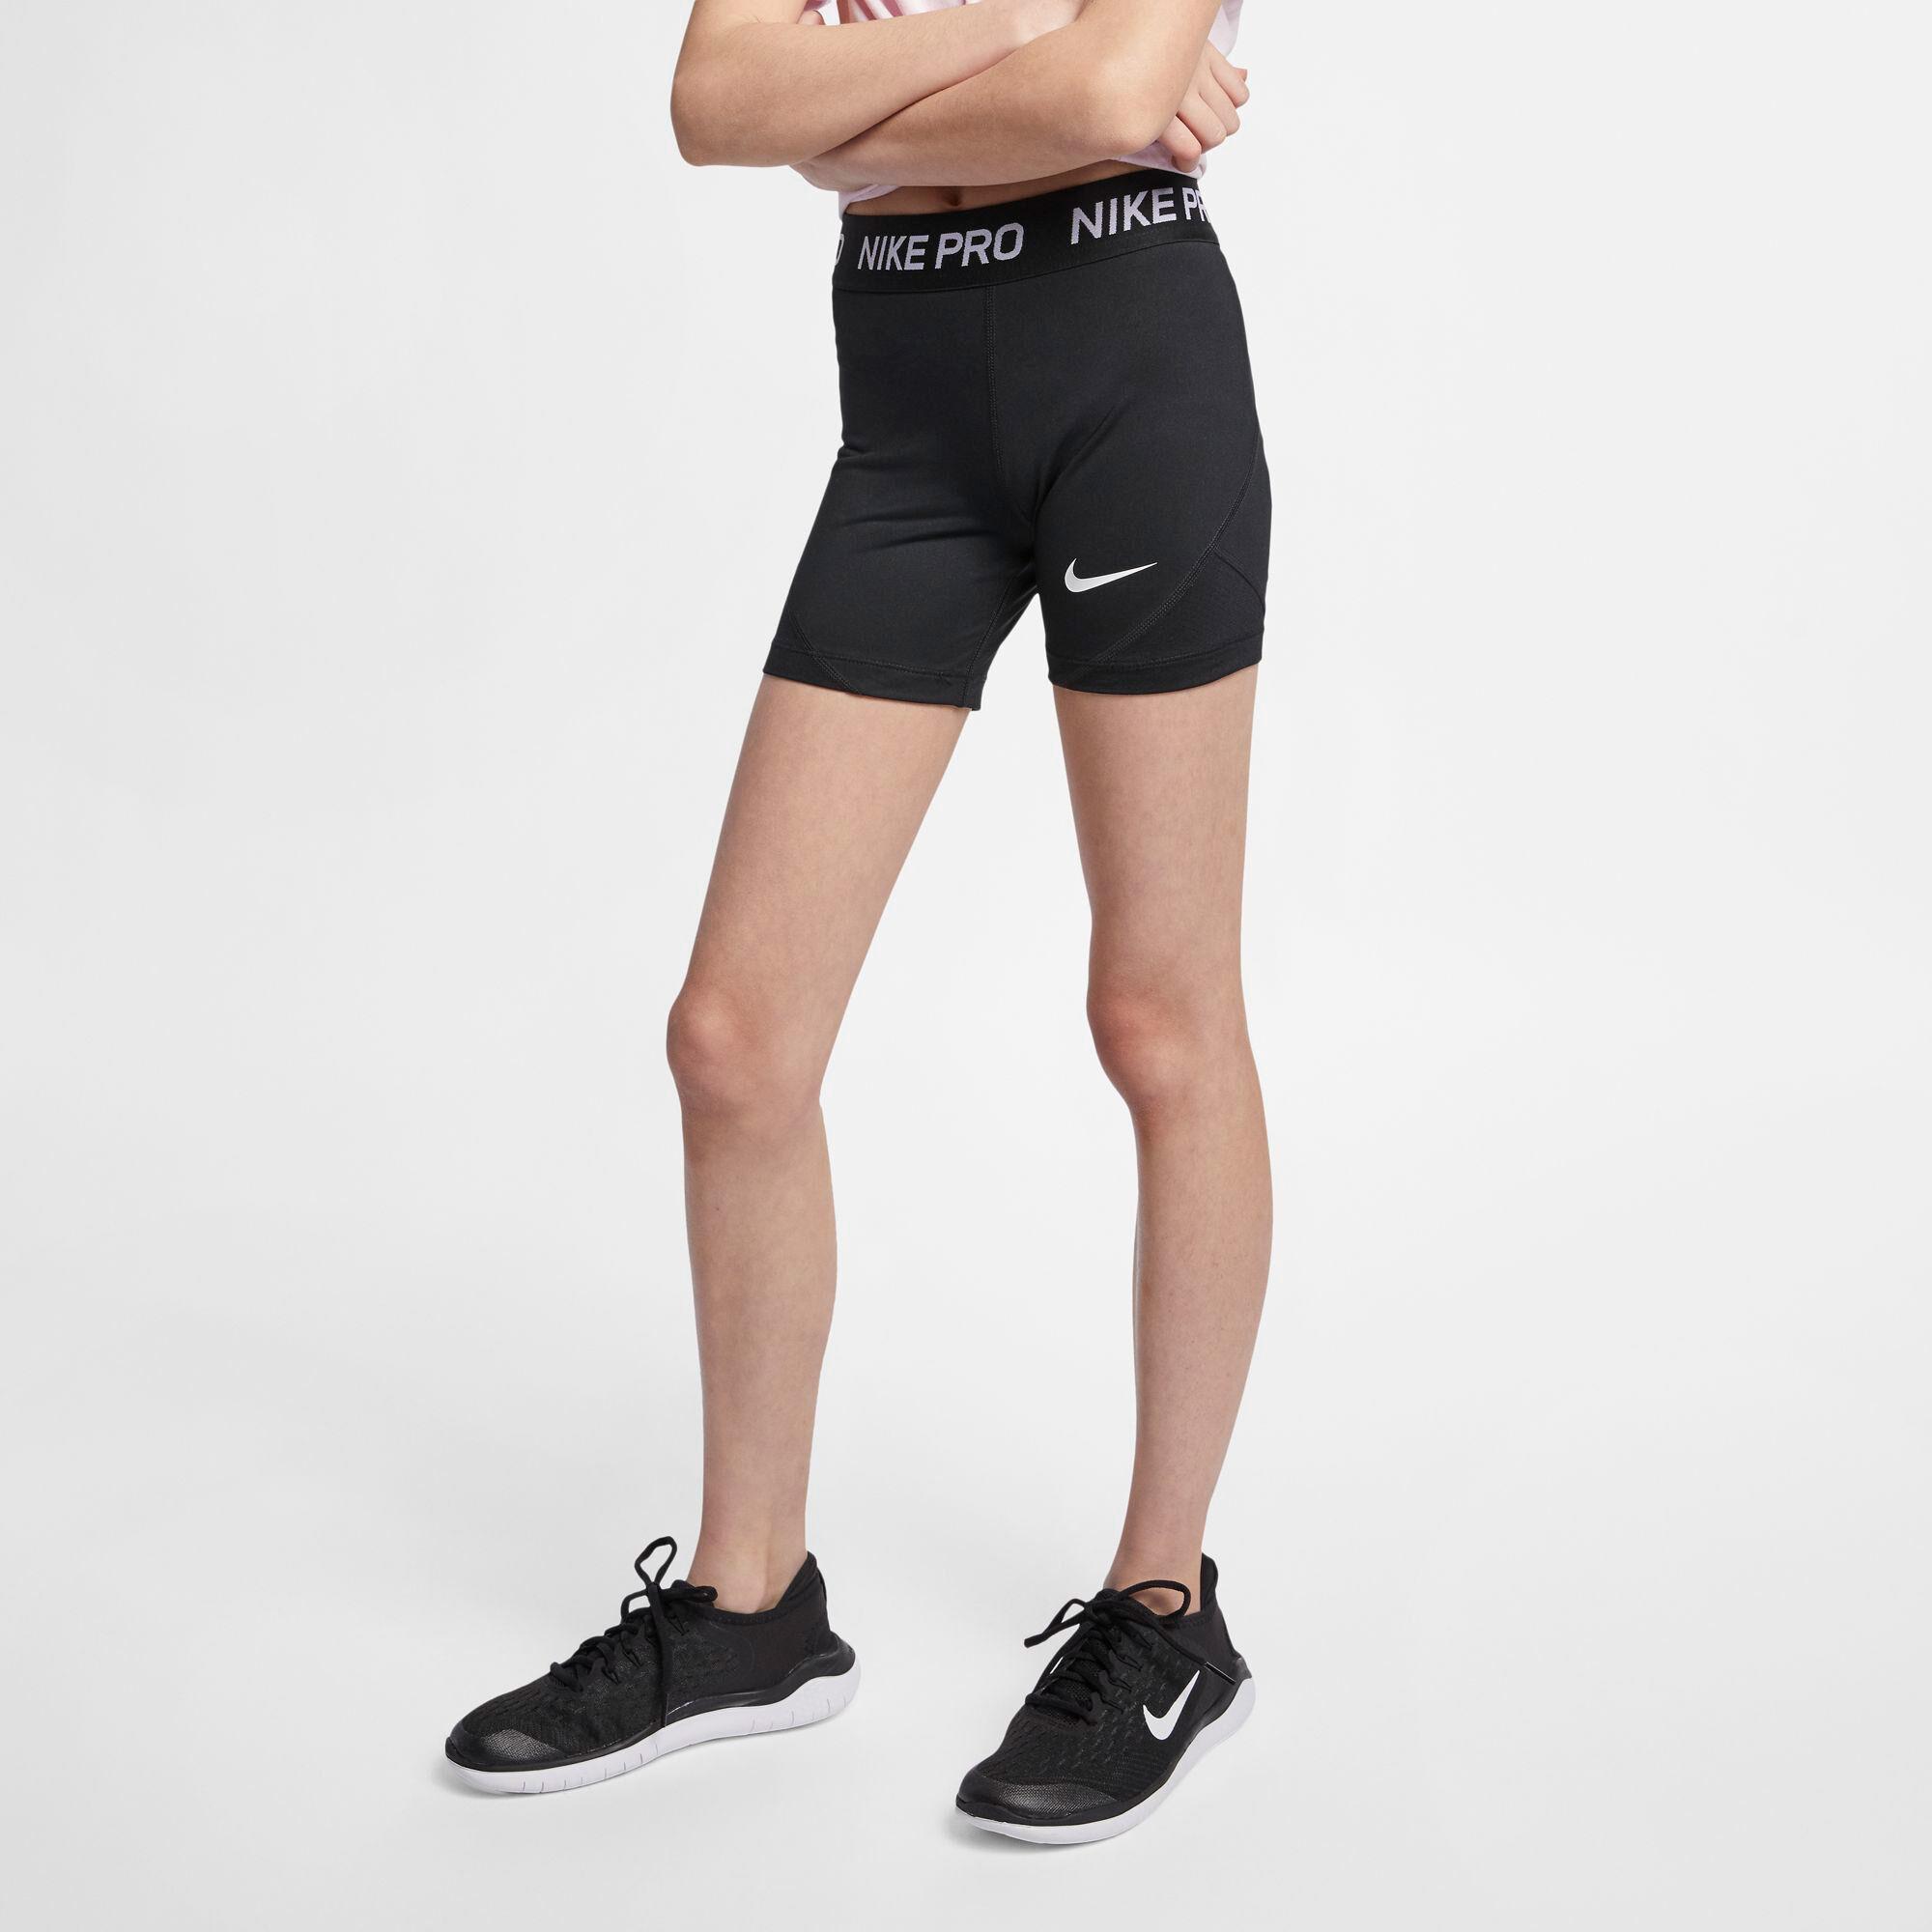 Sportsgrene | Find sko, tøj og tilbehør til din sport